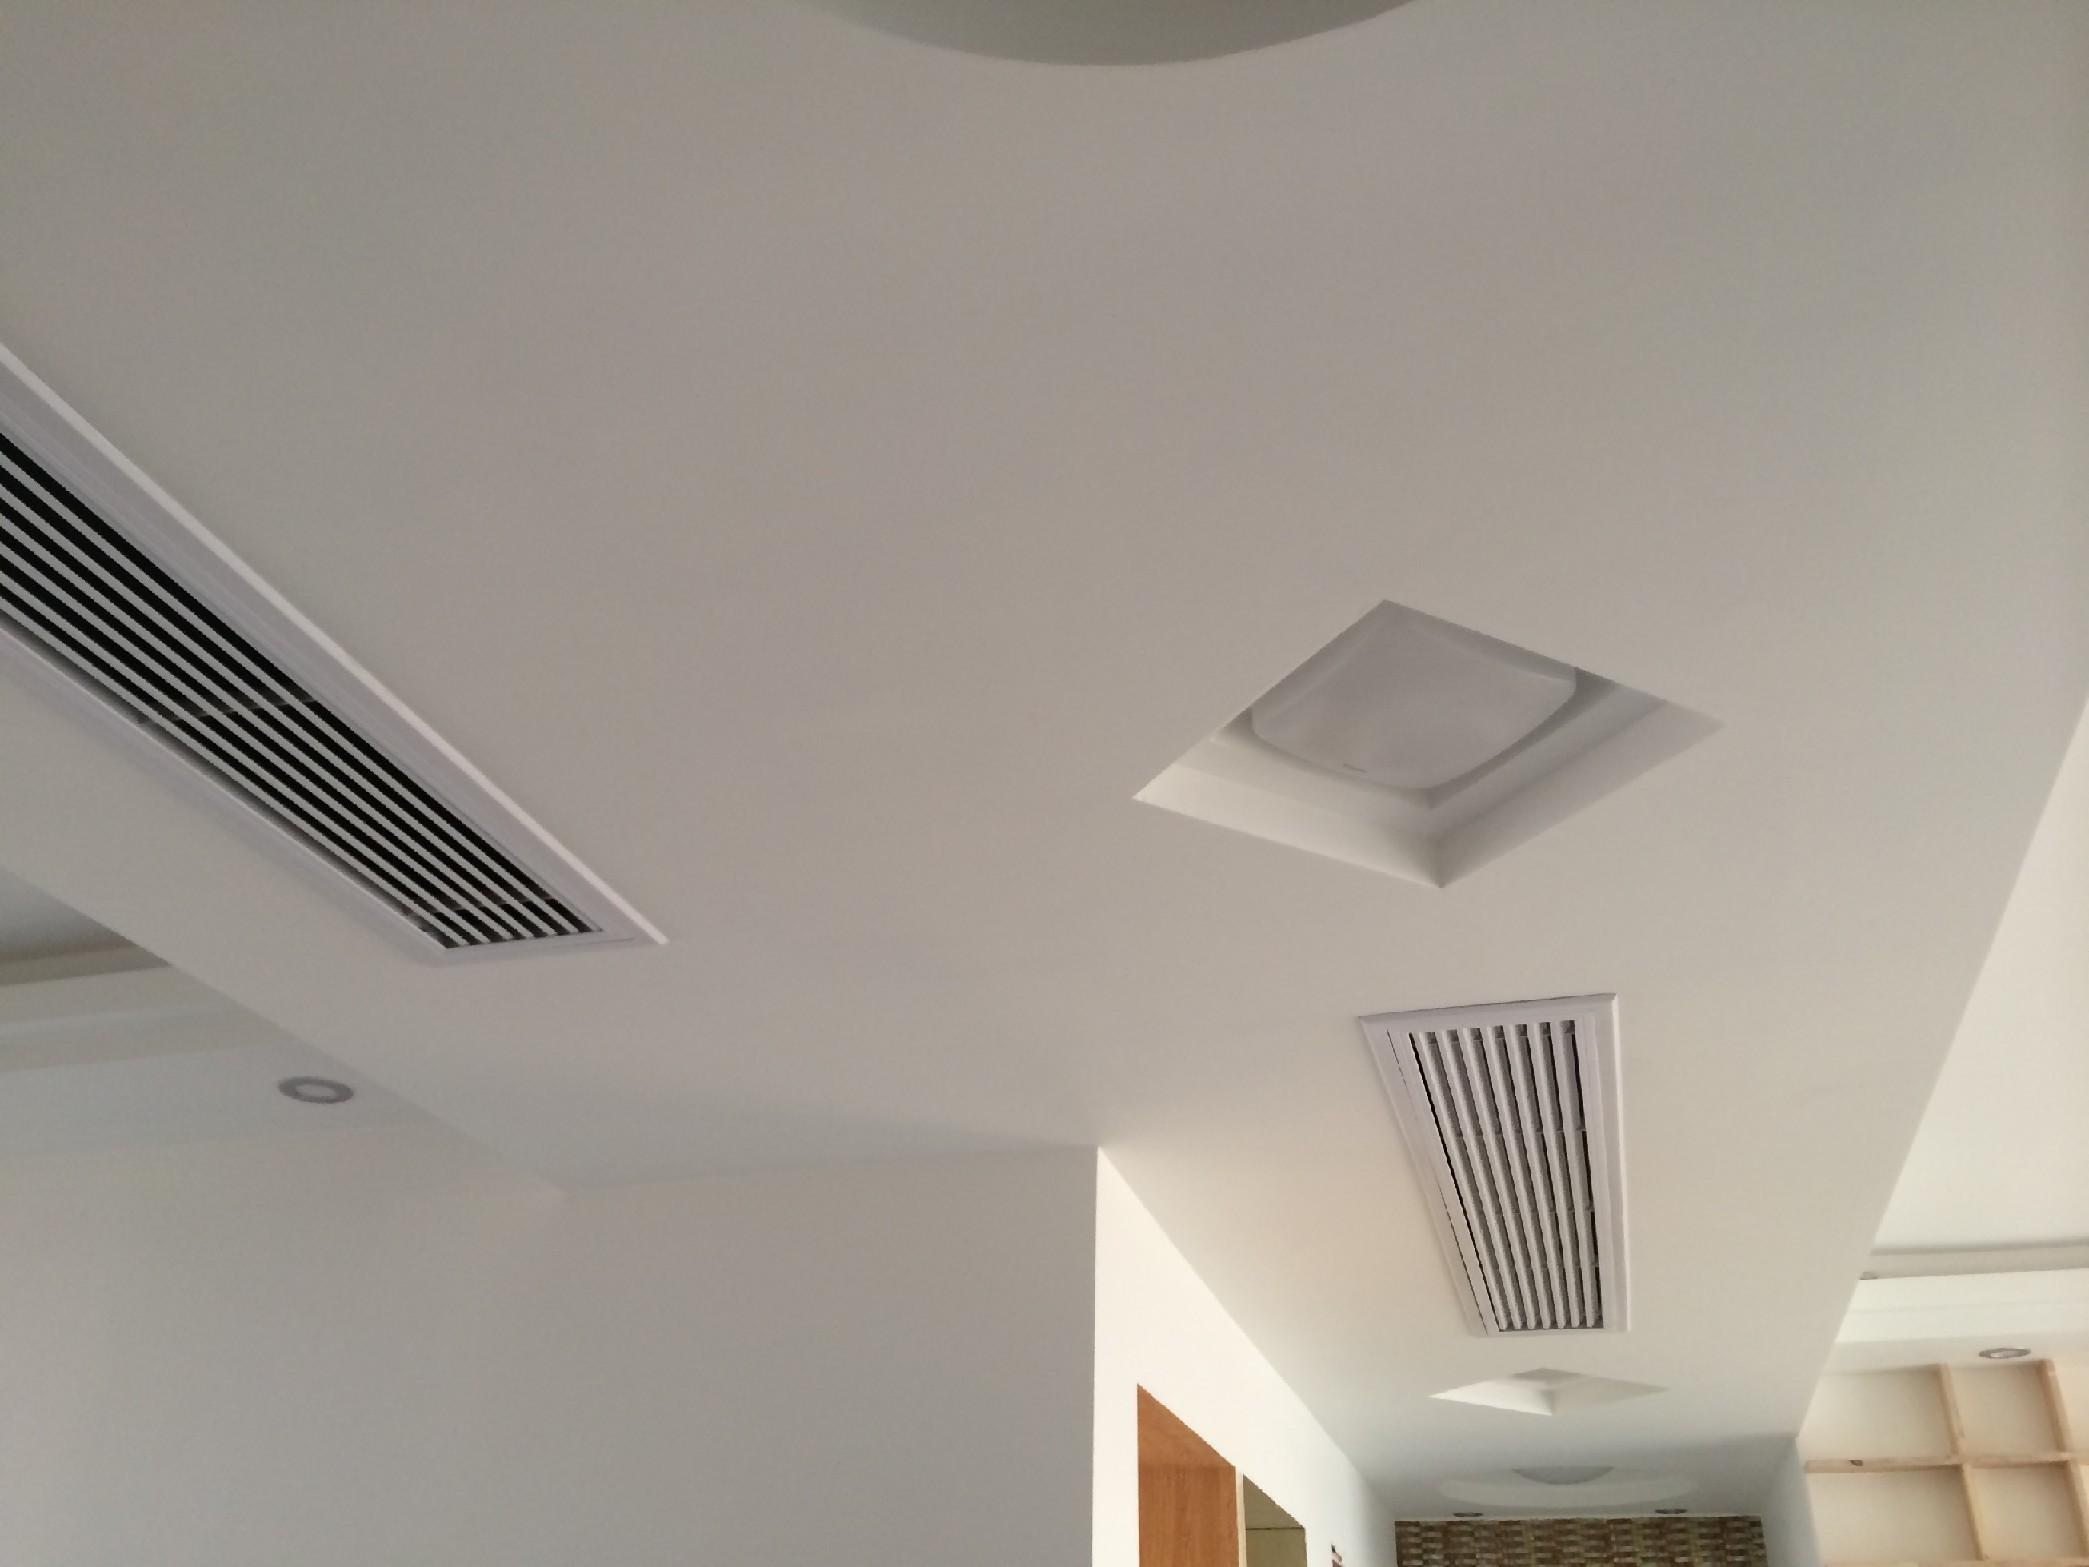 中央空调蒸发器是什么 空调蒸发器如何清洗